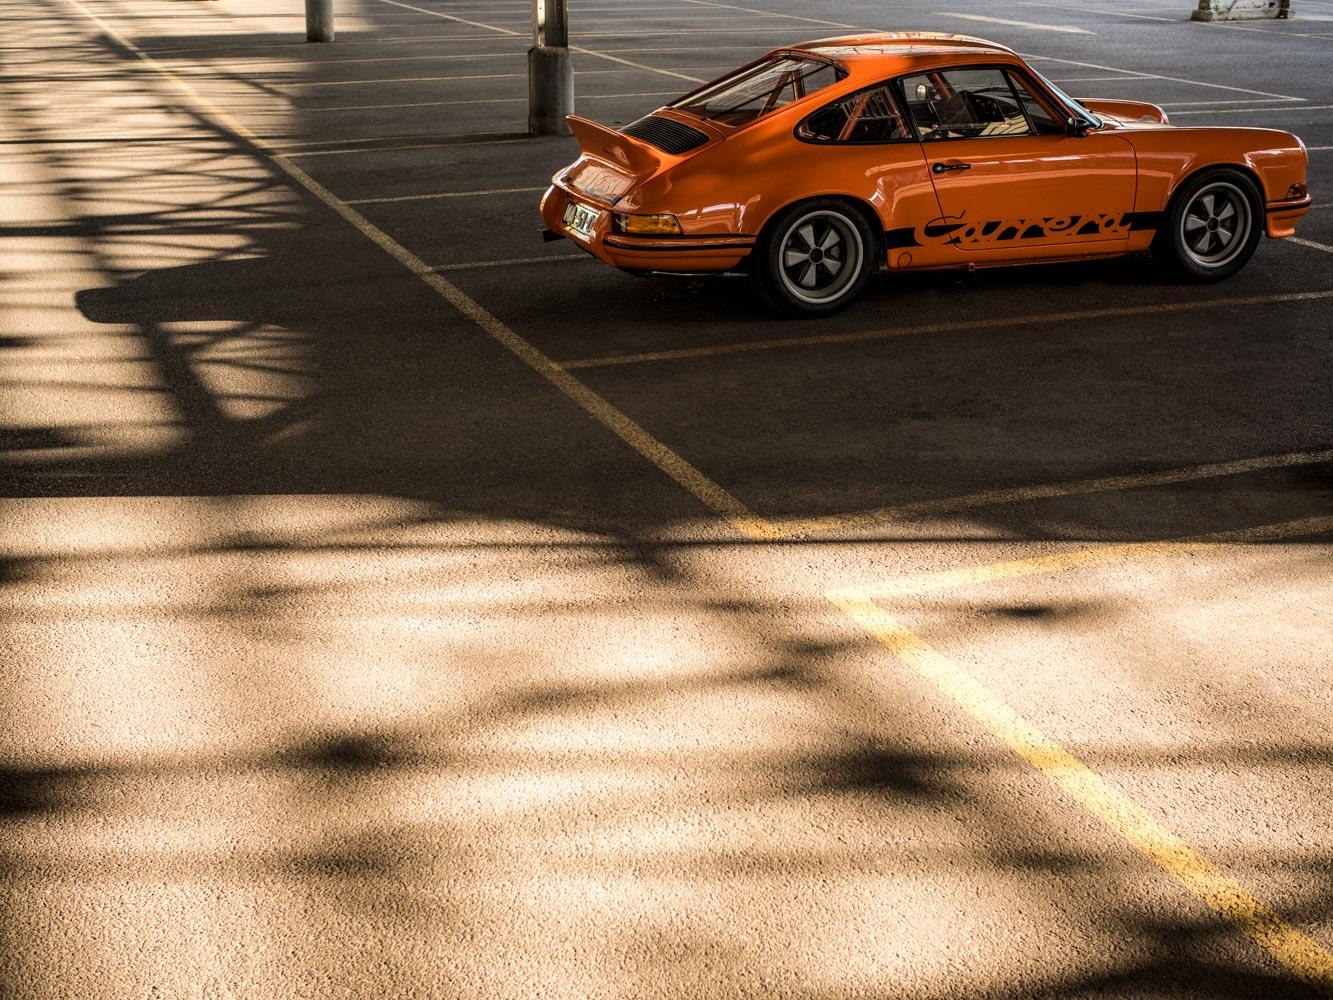 1969 Porsche 911 Carrera - 12.jpg.jpg